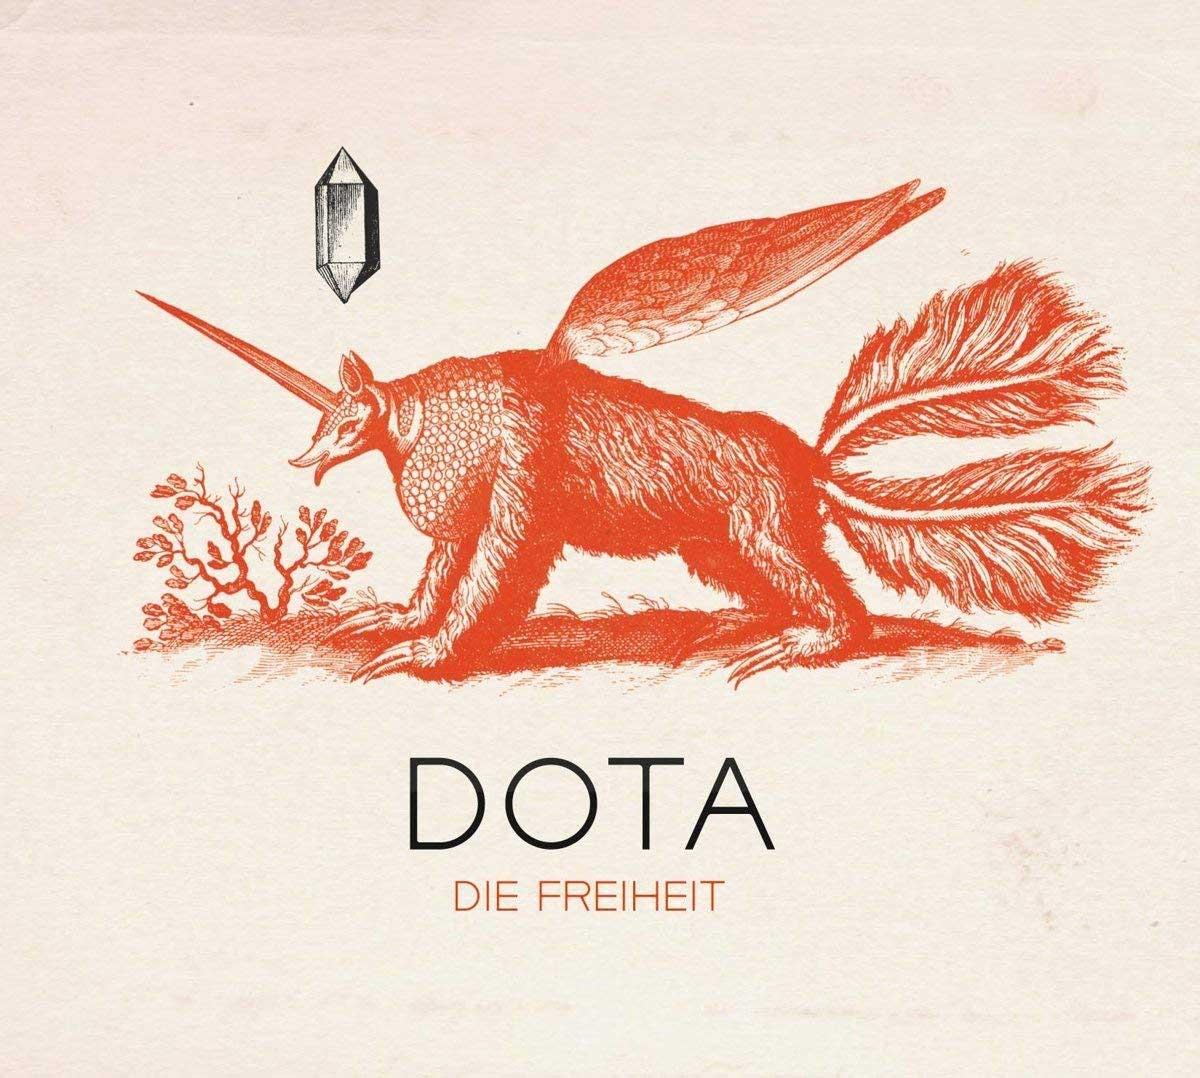 Exklusive Musikvideopremiere: DOTA - Bunt und hell DOTA-Die-Freiheit-albumcover